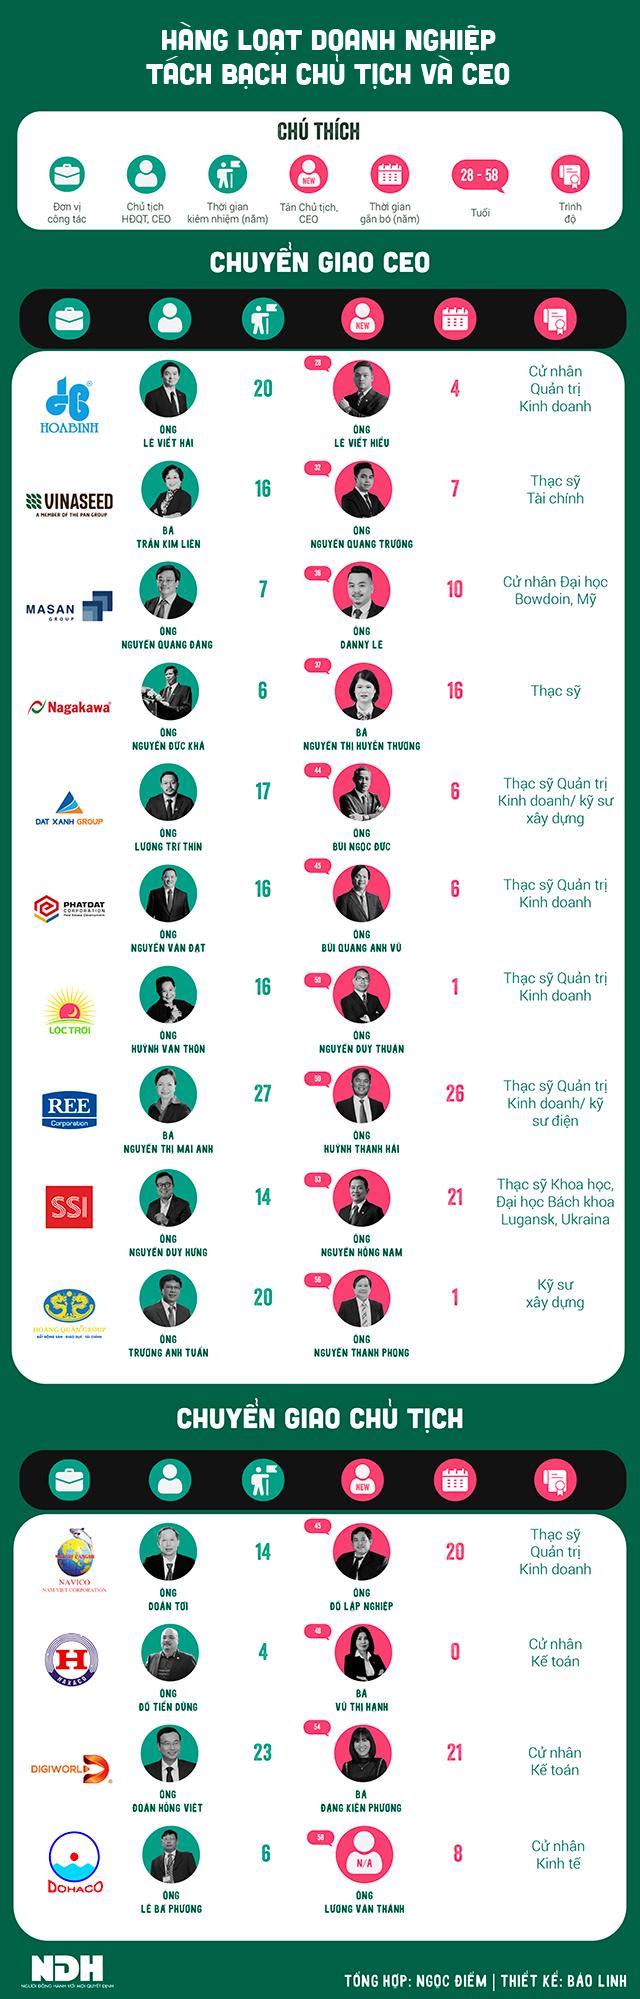 Hàng loạt doanh nghiệp tách bạch chức danh Chủ tịch và CEO - Ảnh 1.